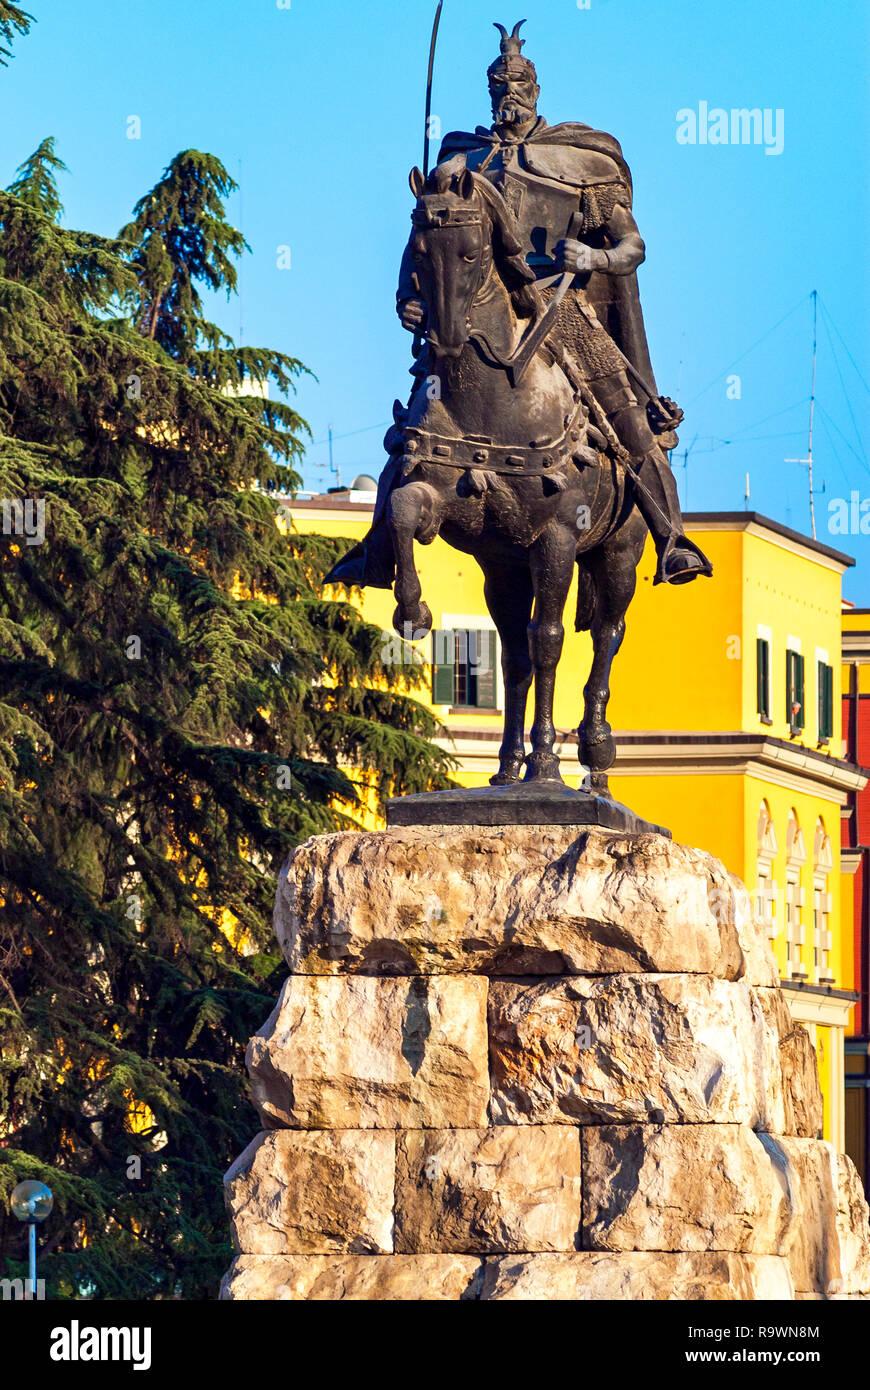 Skanderberg Equestrian Statue and Square, Tirana, Albania - Stock Image